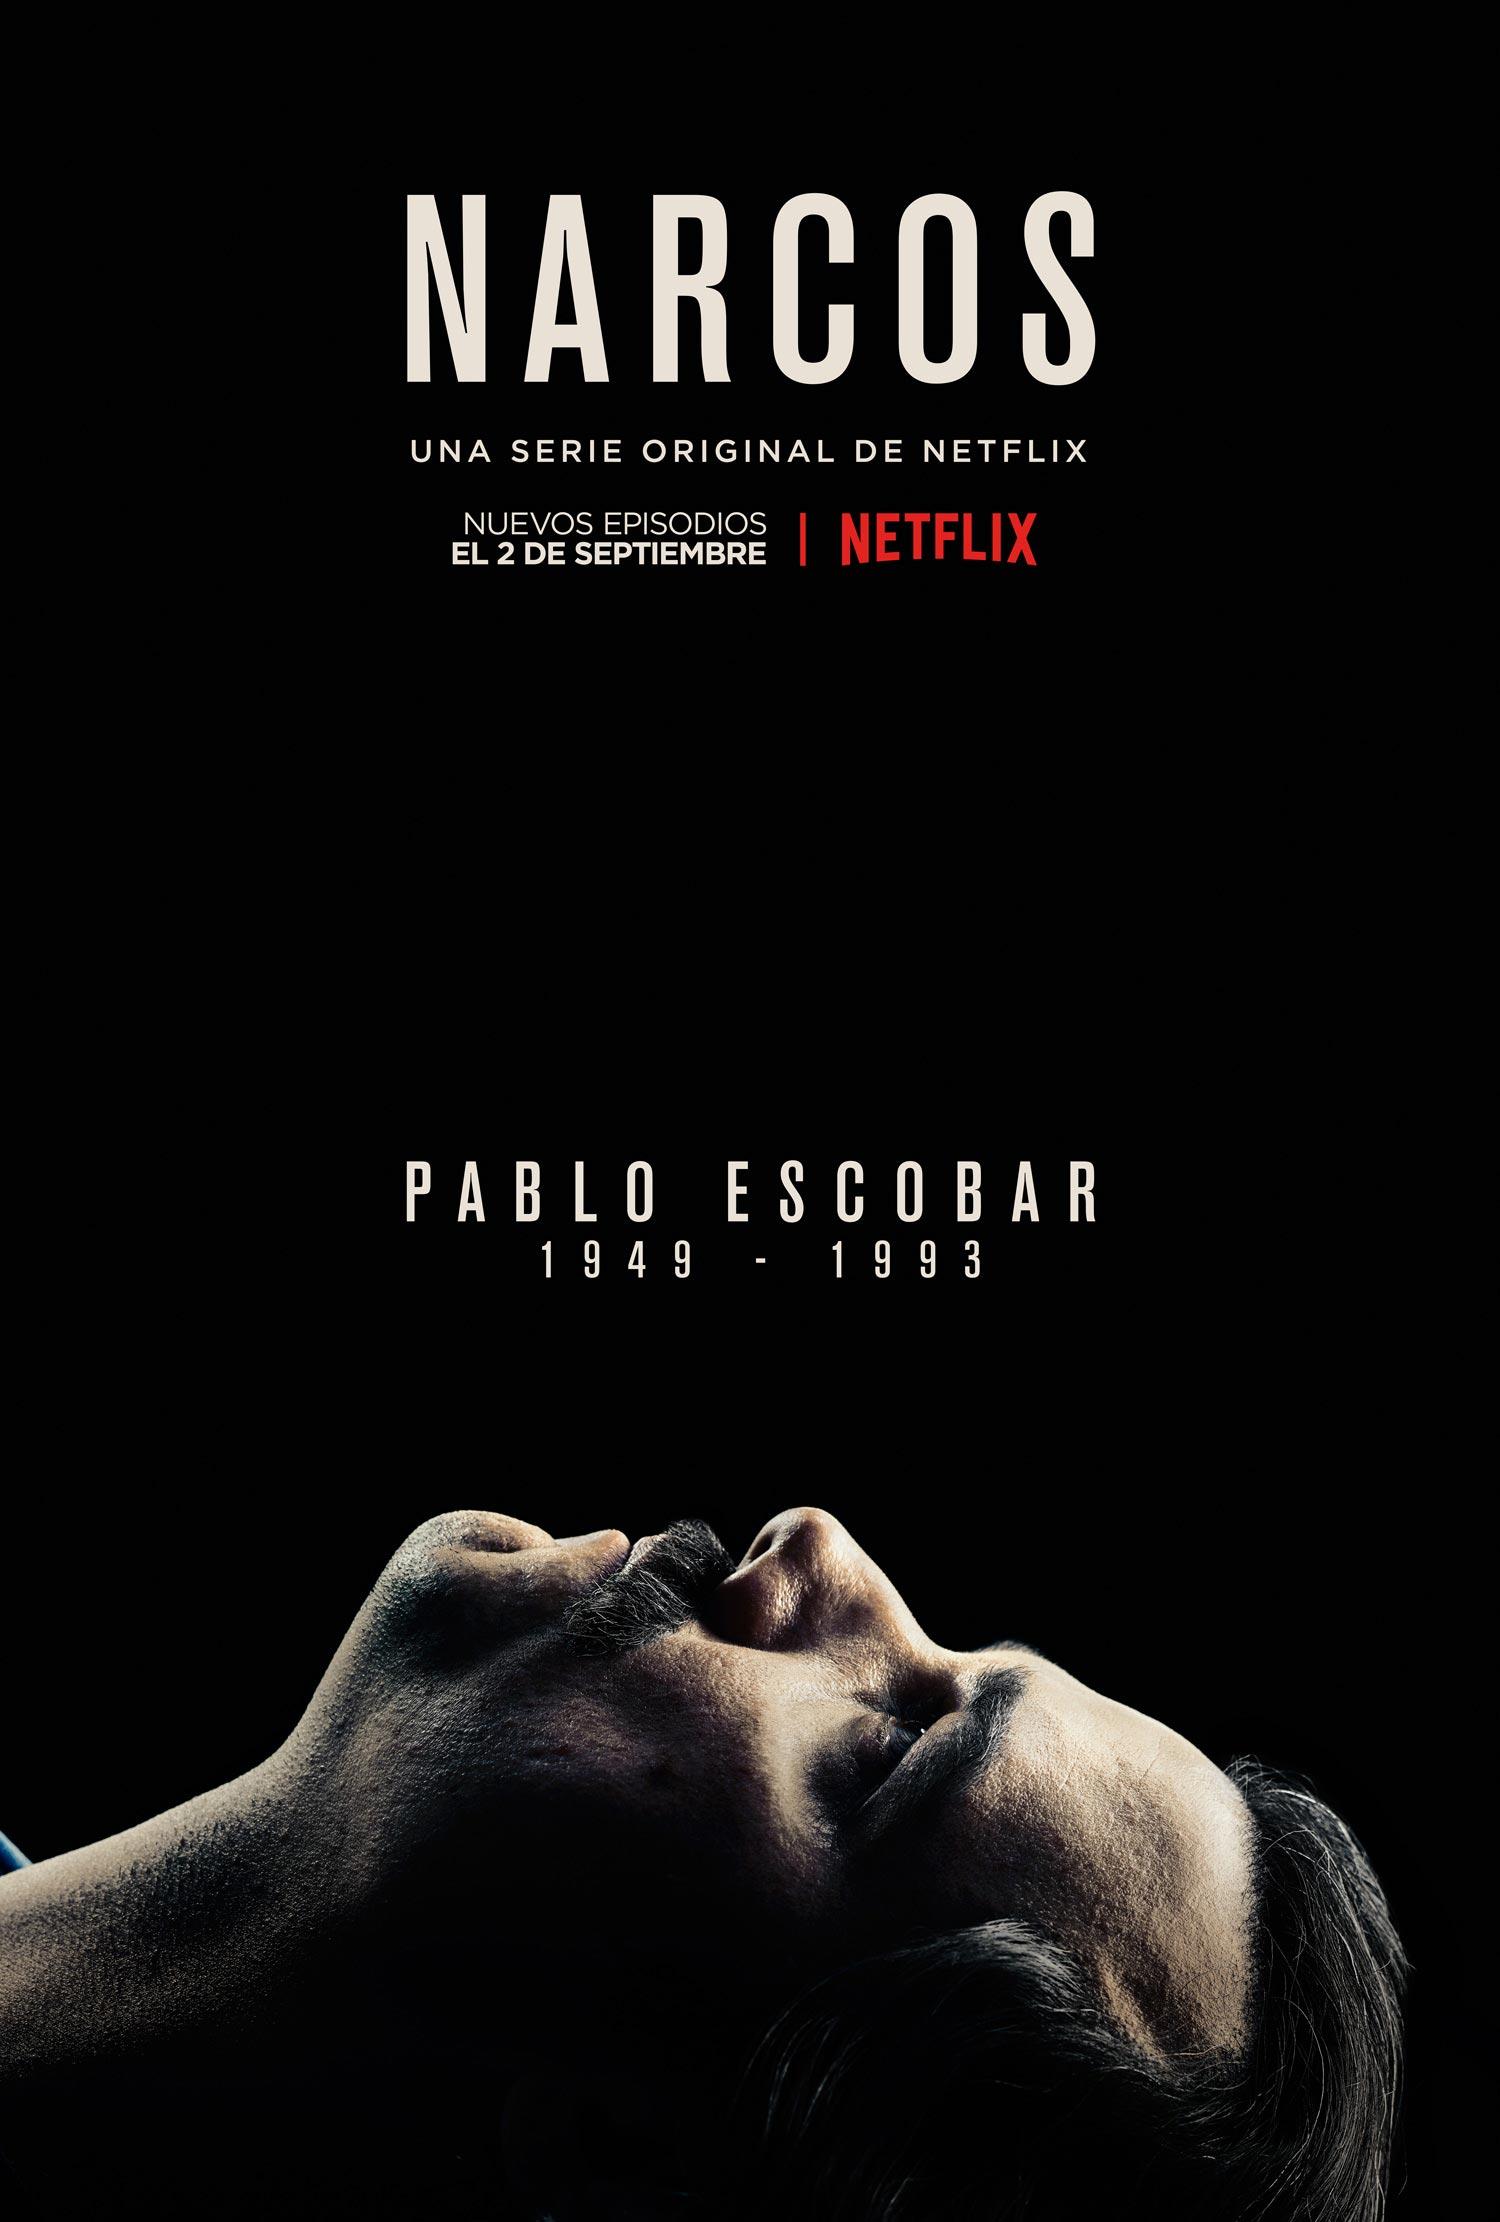 Narcos season 2 segunda temporada